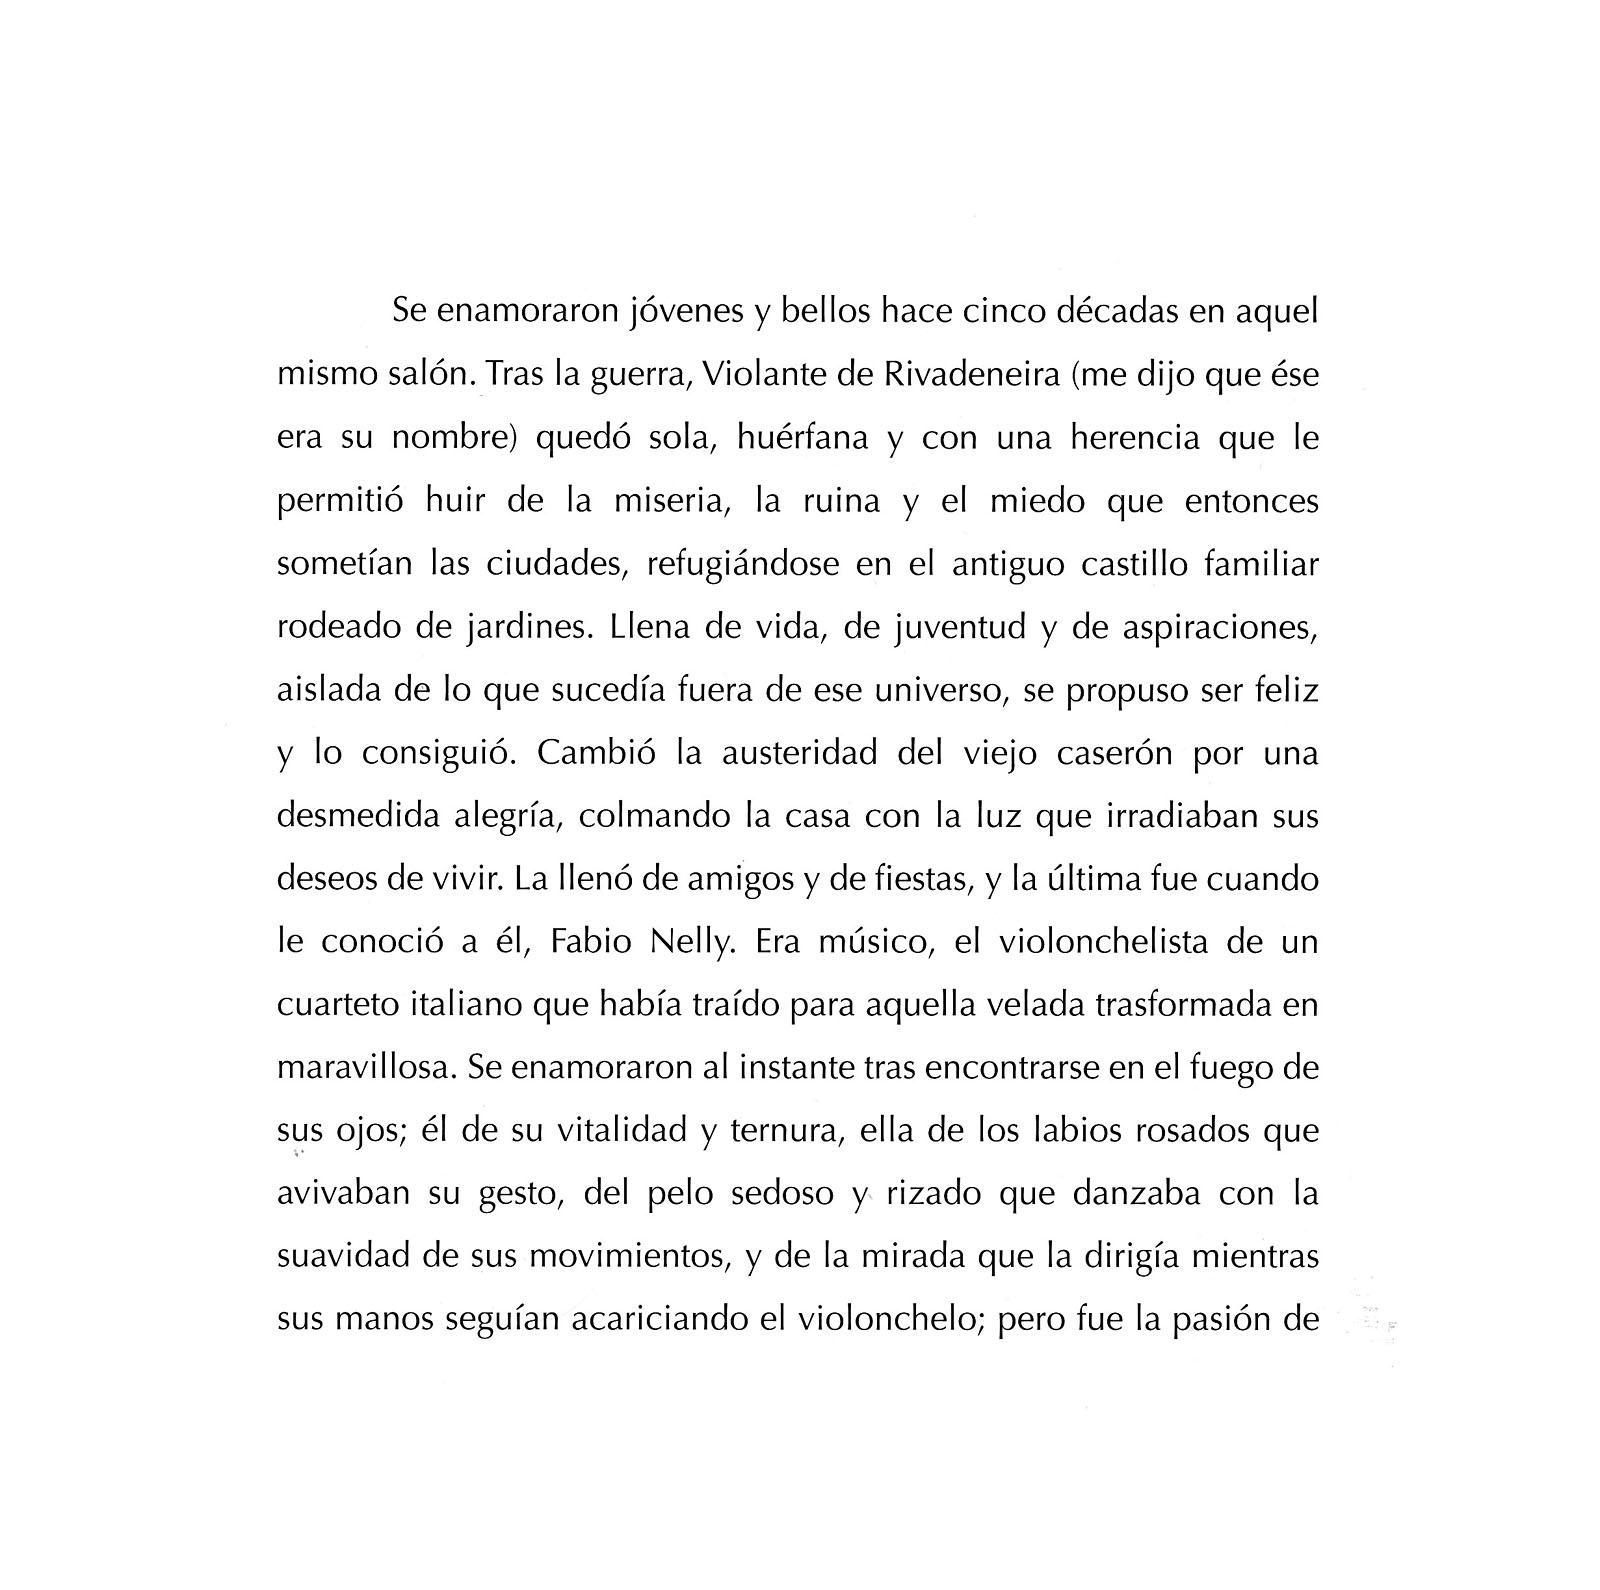 danielvillalobos-calderonsamaniego-shortnovel-spanishliterature-17